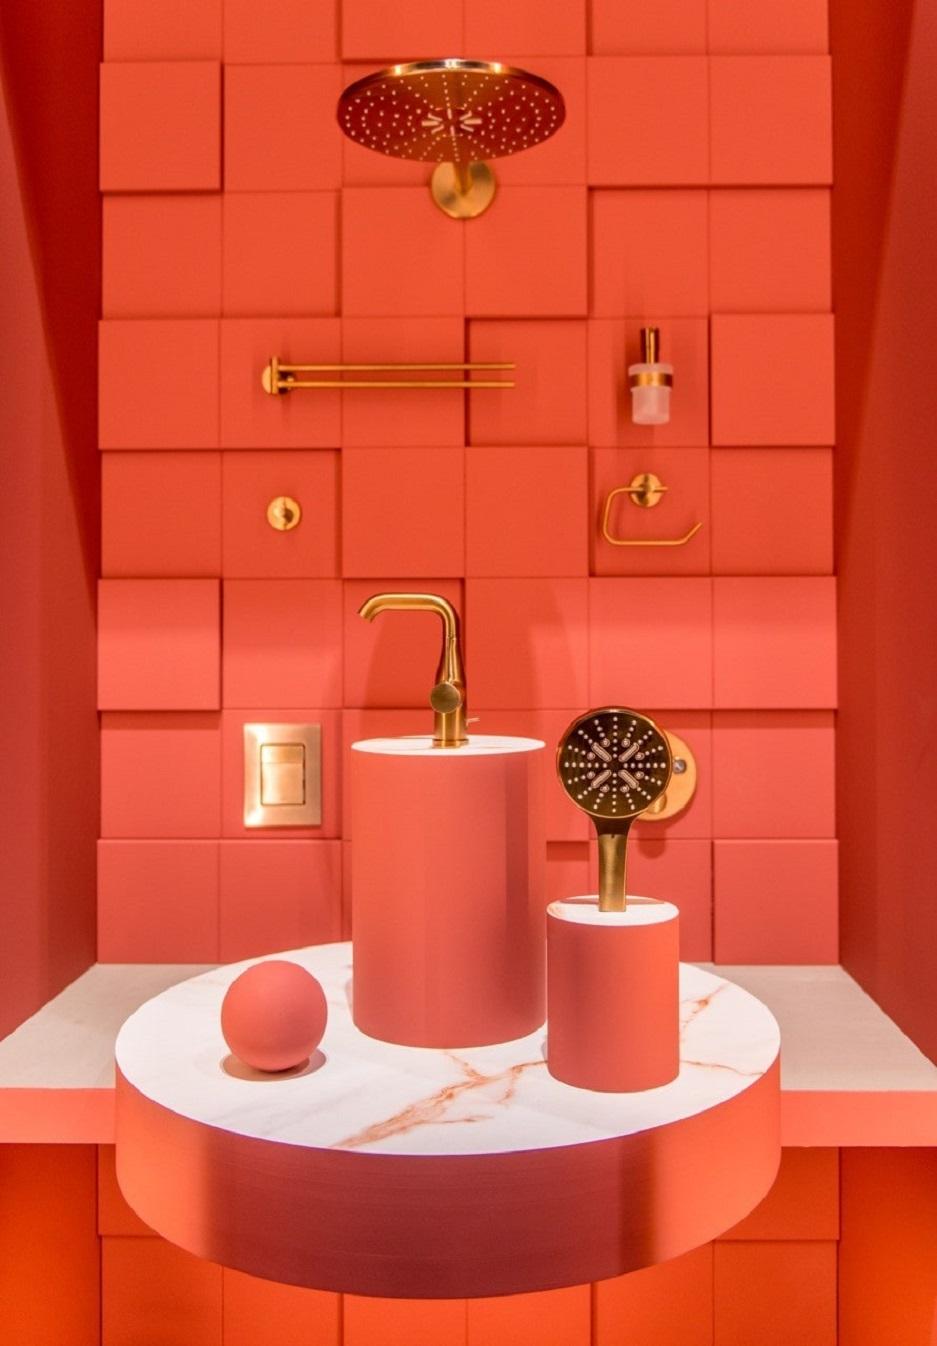 łazienka w czerwonym kolorze